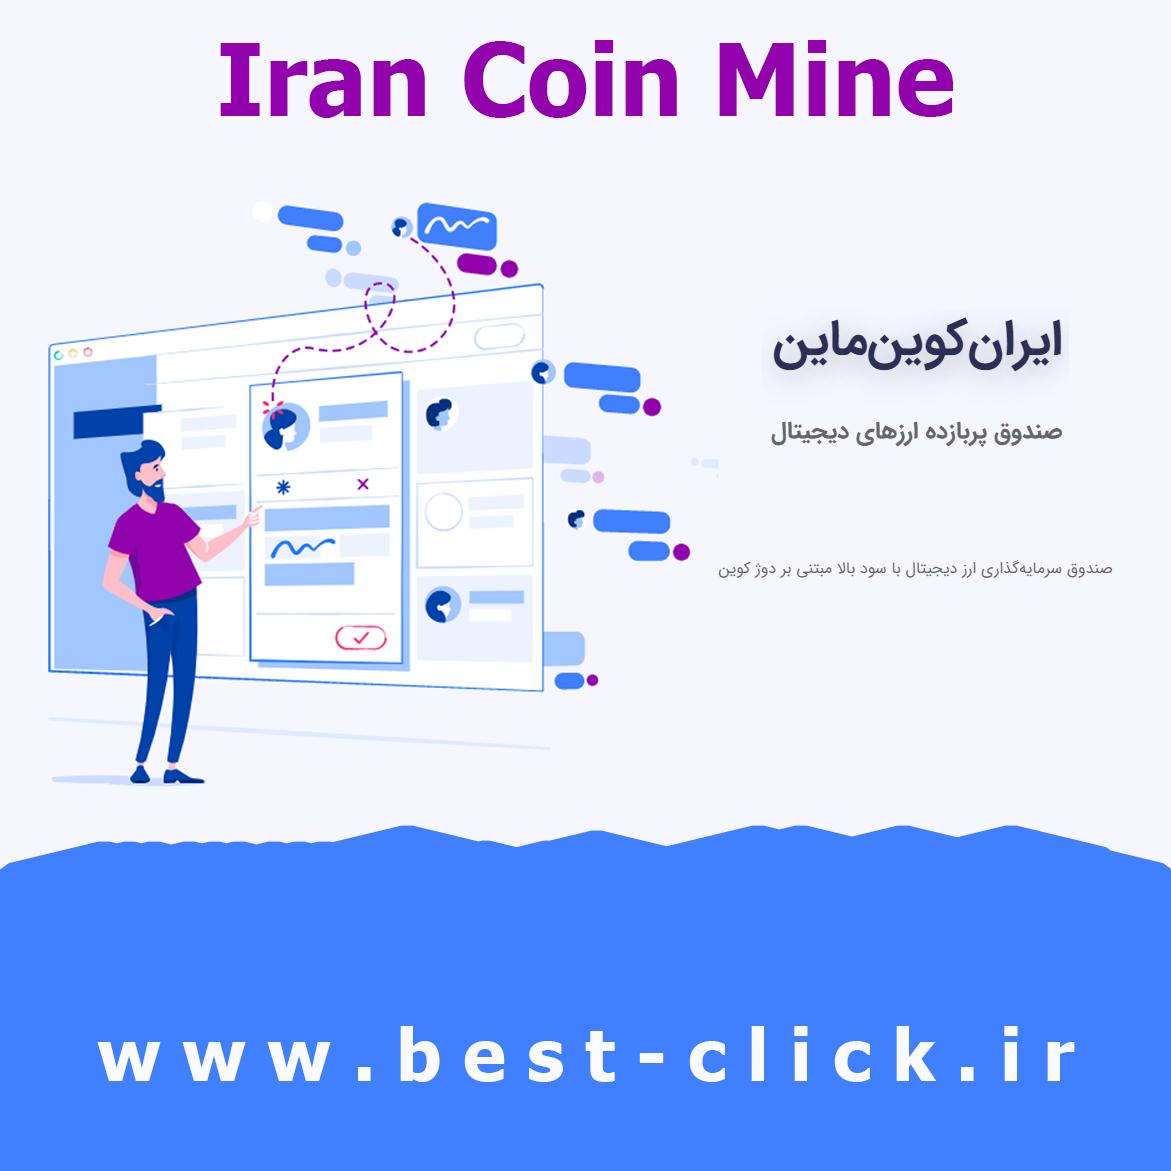 سایت استخراج ابری Iran Coin Mine با سوددهی بالا